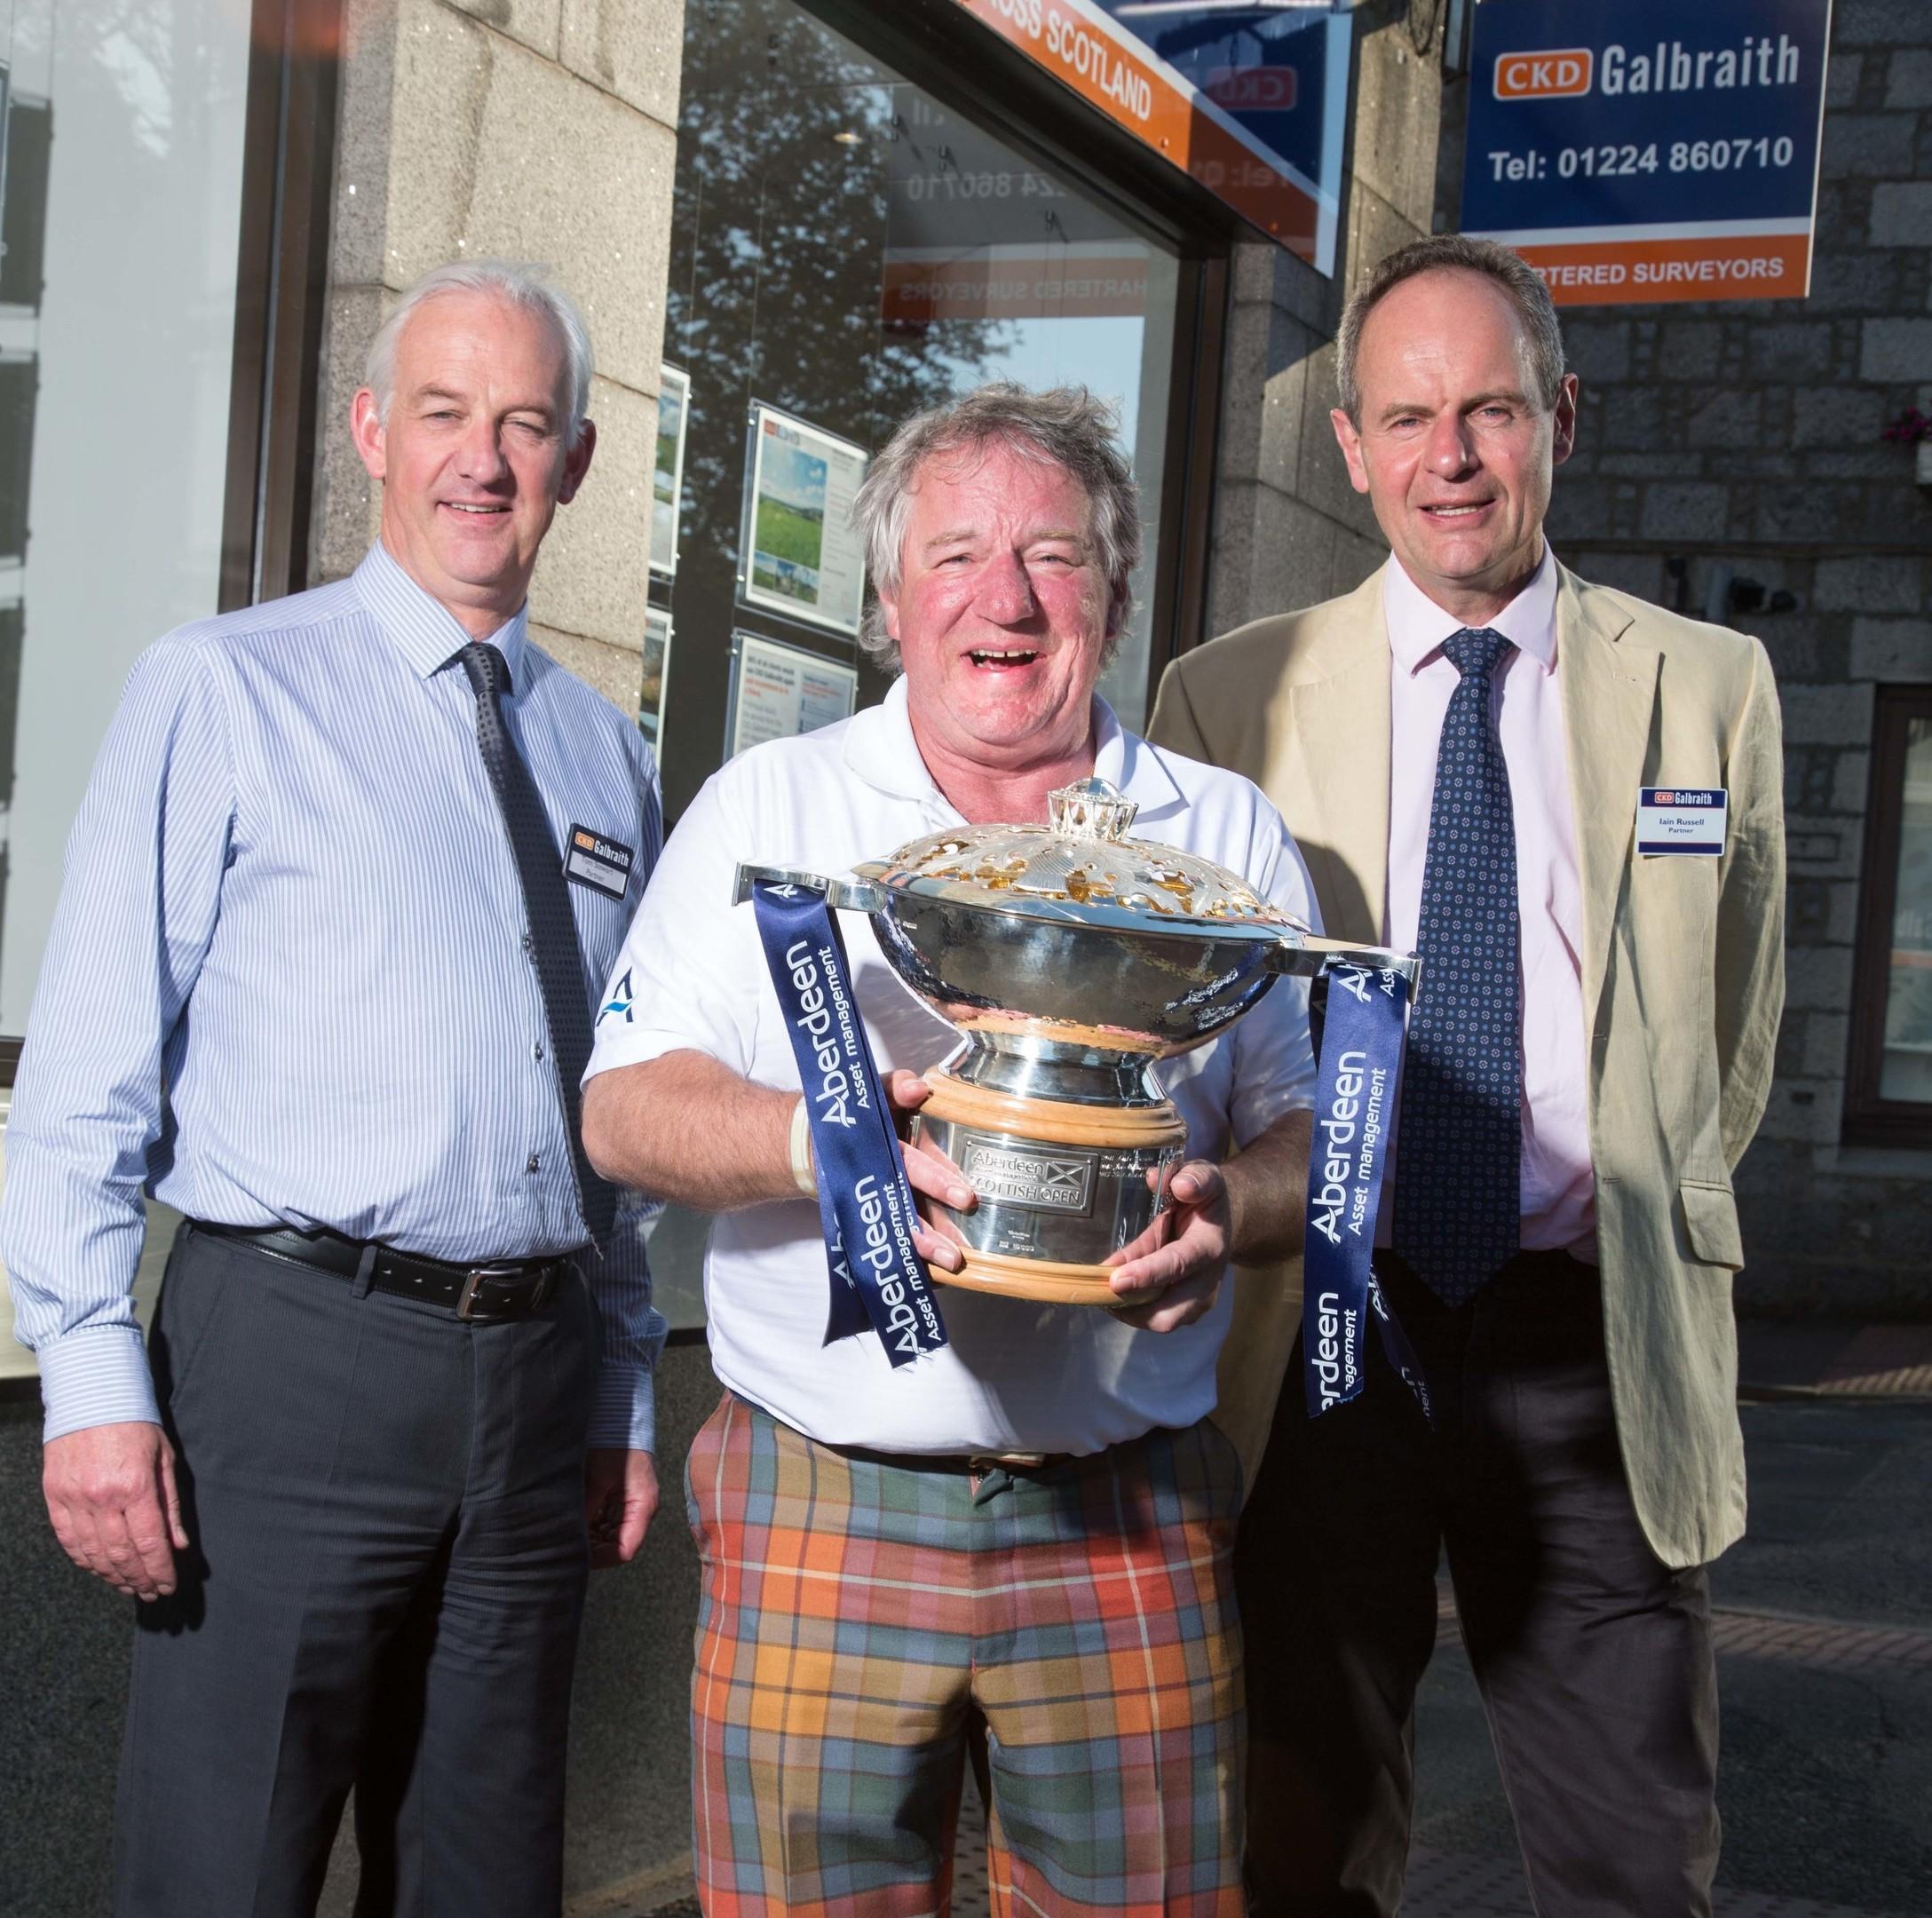 L-R: Partner Tom Stewart, Martin Gilbert, chief executive of Aberdeen Asset Management, and CKD Galbraith chairman Iain Russell.